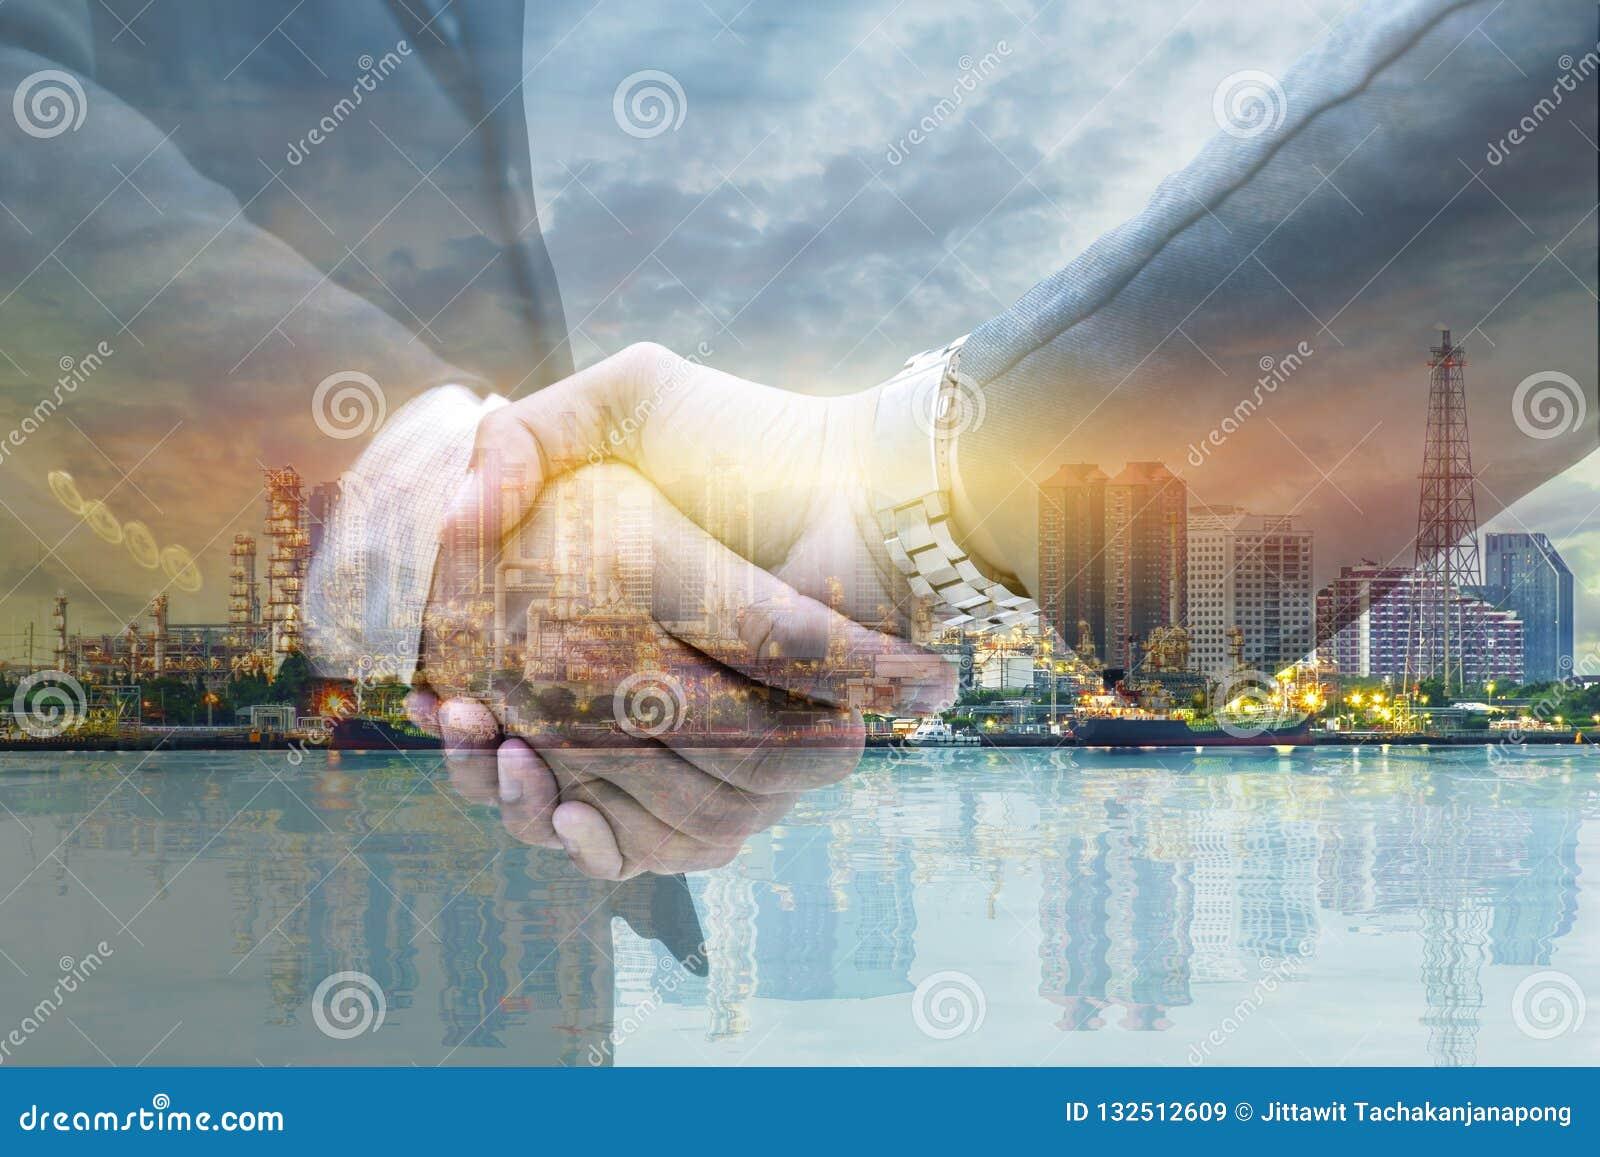 Οι επιχειρηματίες τινάζουν τα χέρια για την επιχειρησιακά επιχείρηση και το μάρκετινγκ